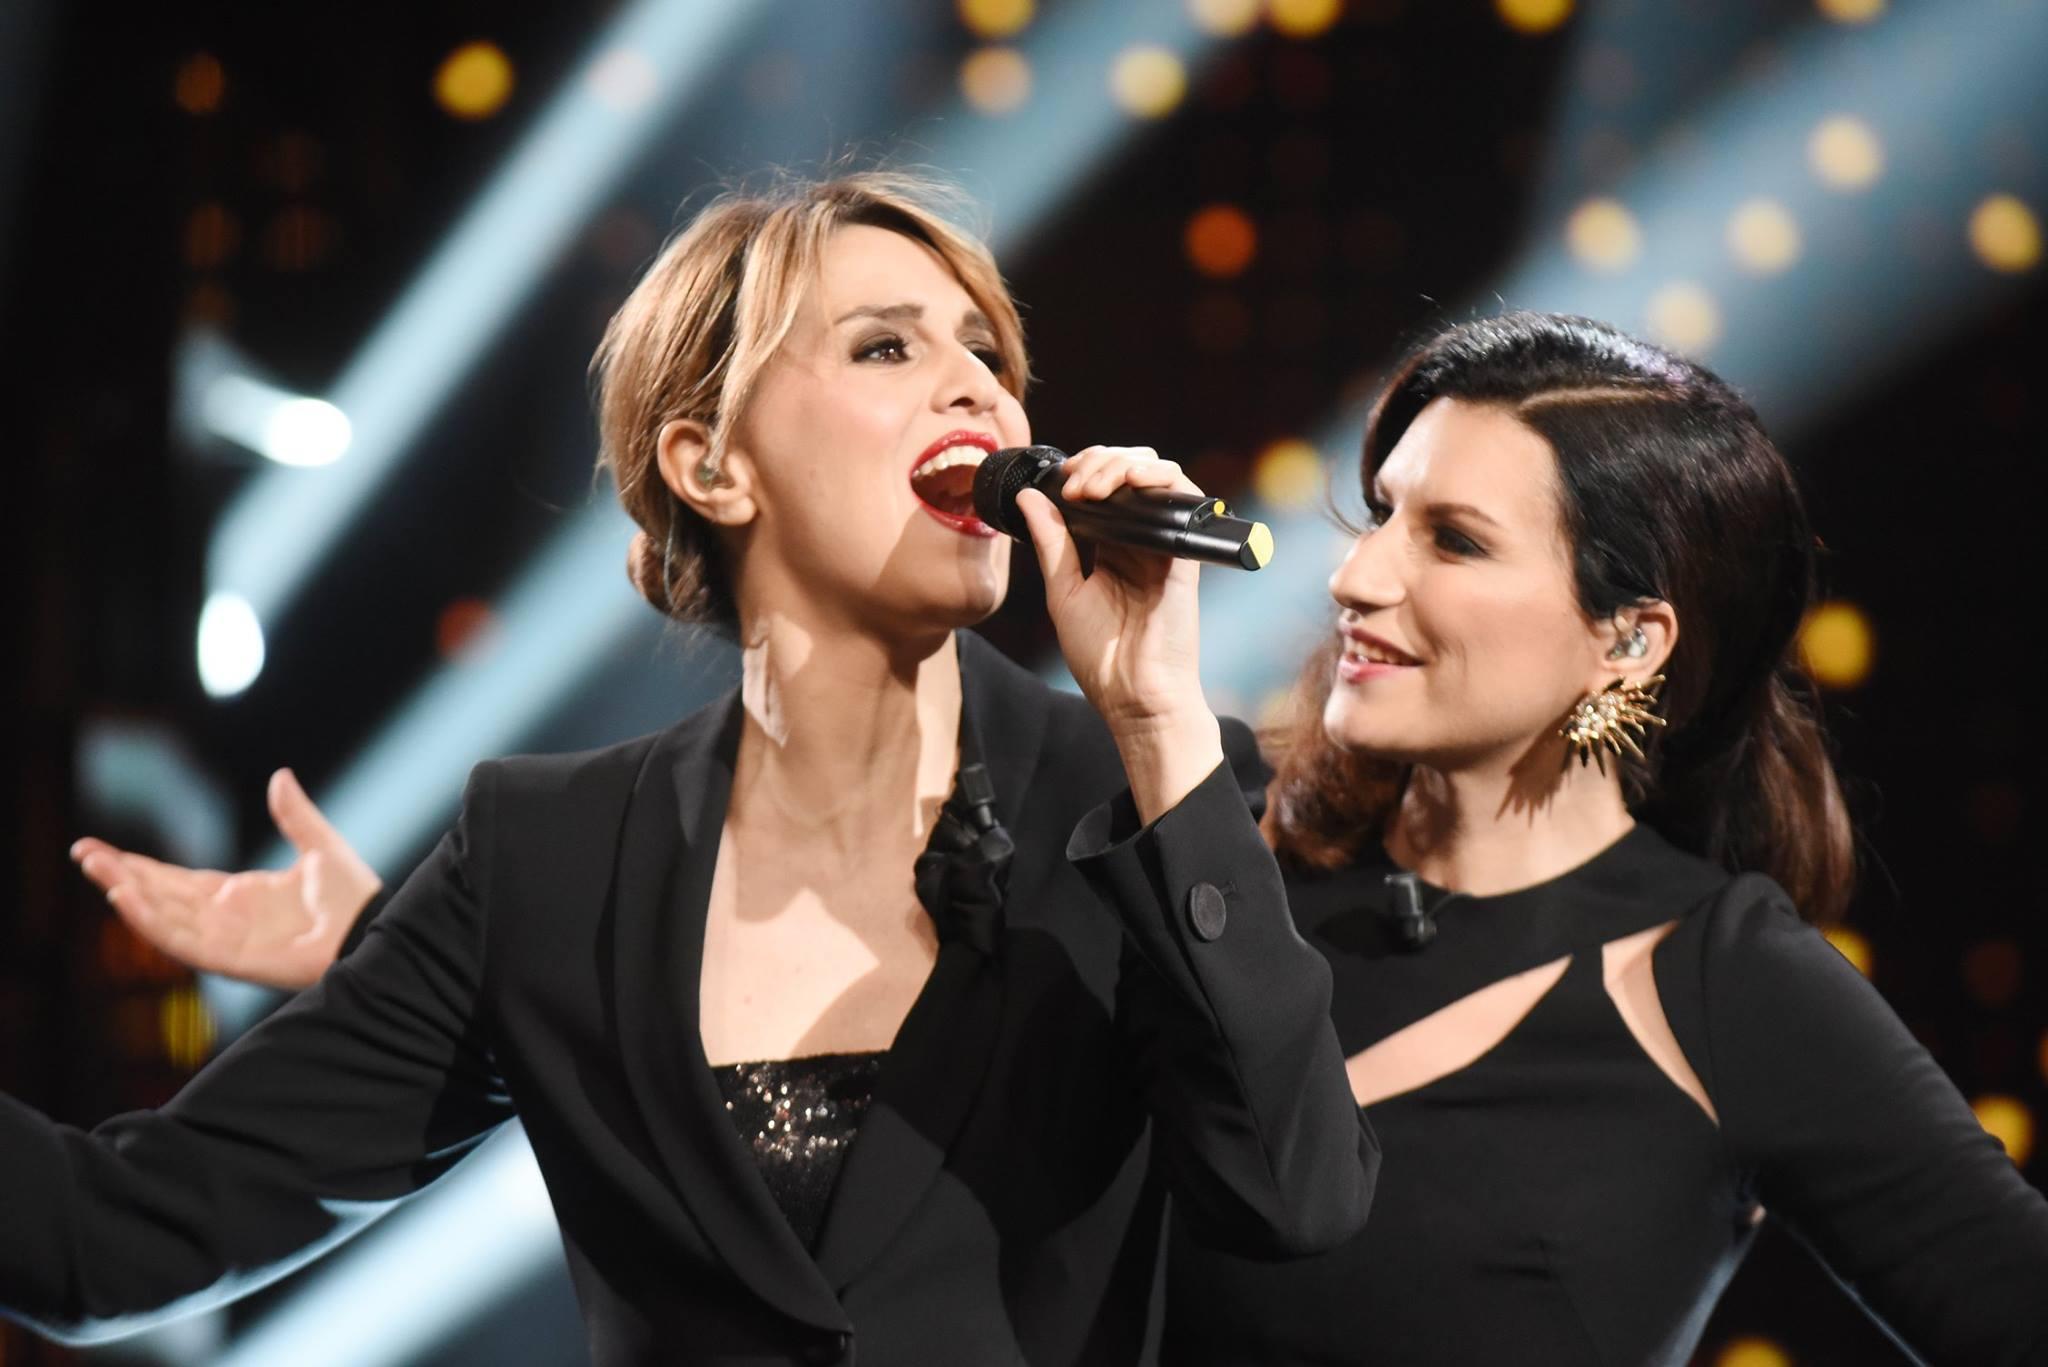 Laura & Paola Rai Uno programma TV Free Event produzione intrattenimento management 3